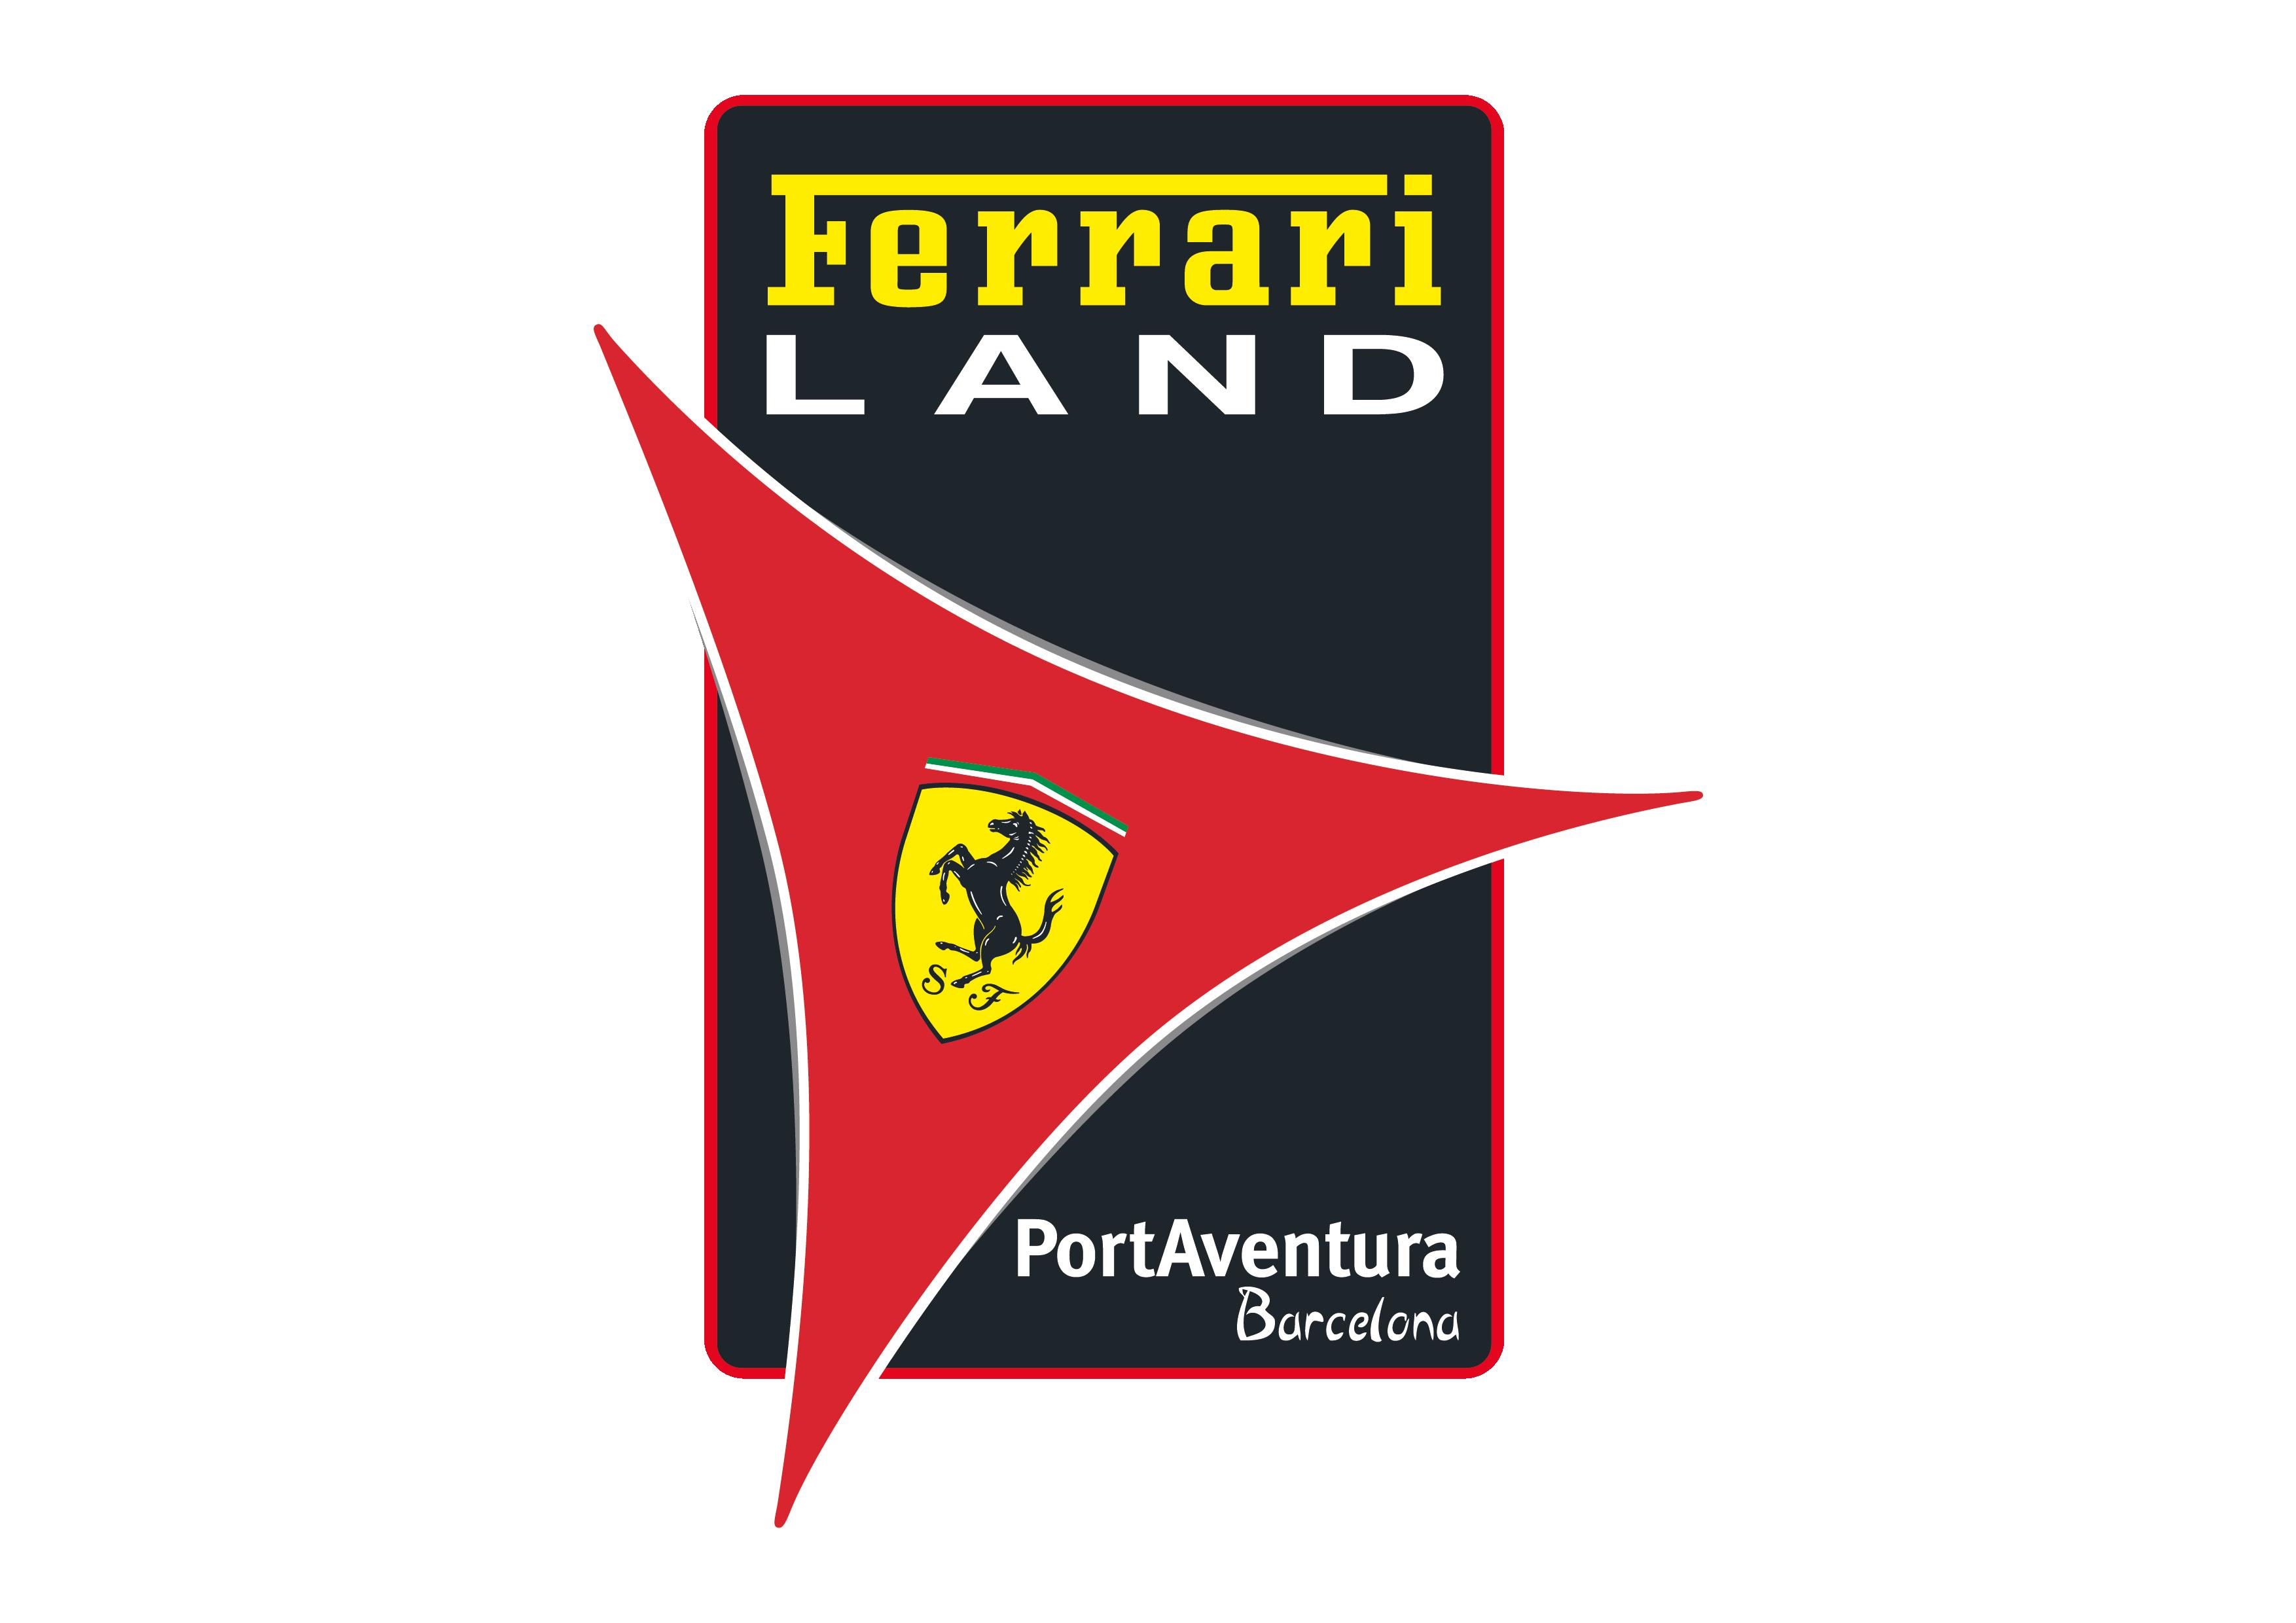 Ferrari Land - PortAventura